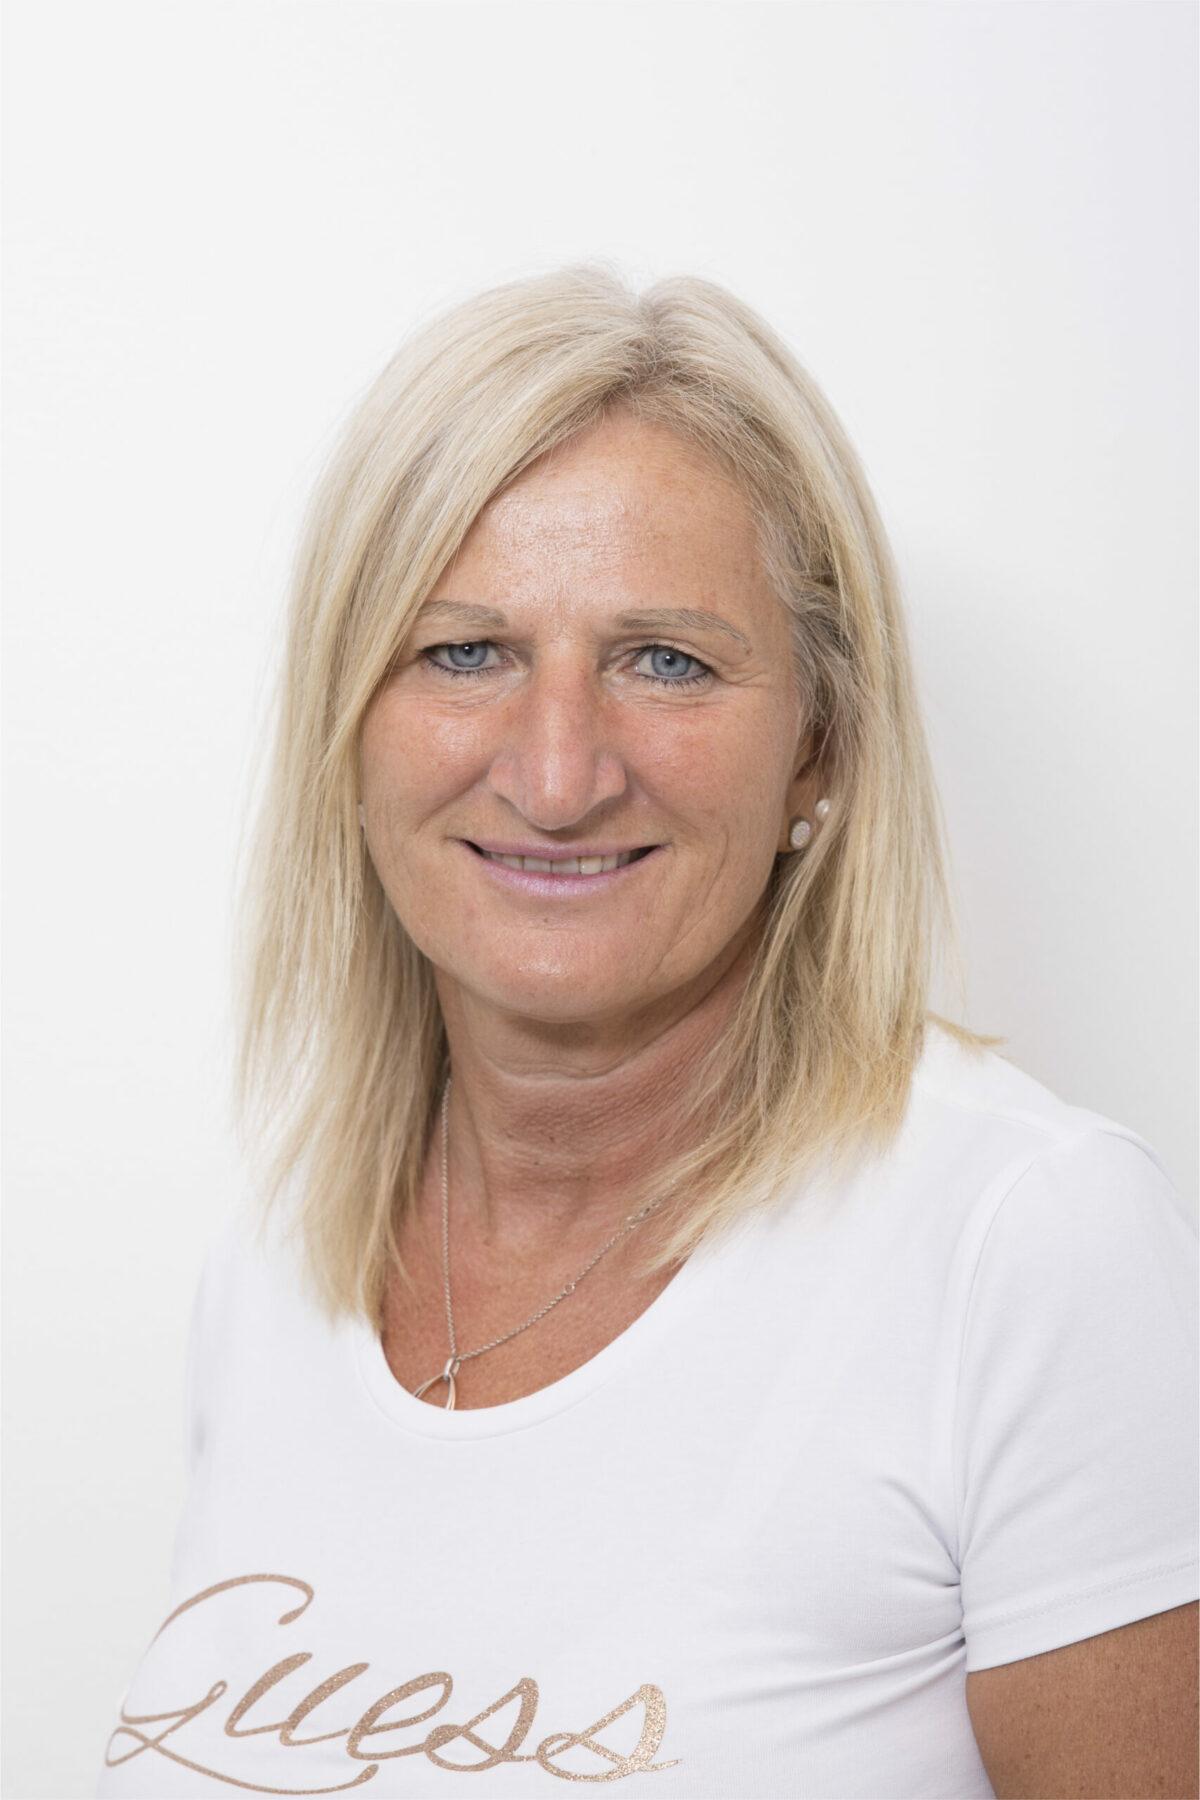 teammember-Heidi Rabeder